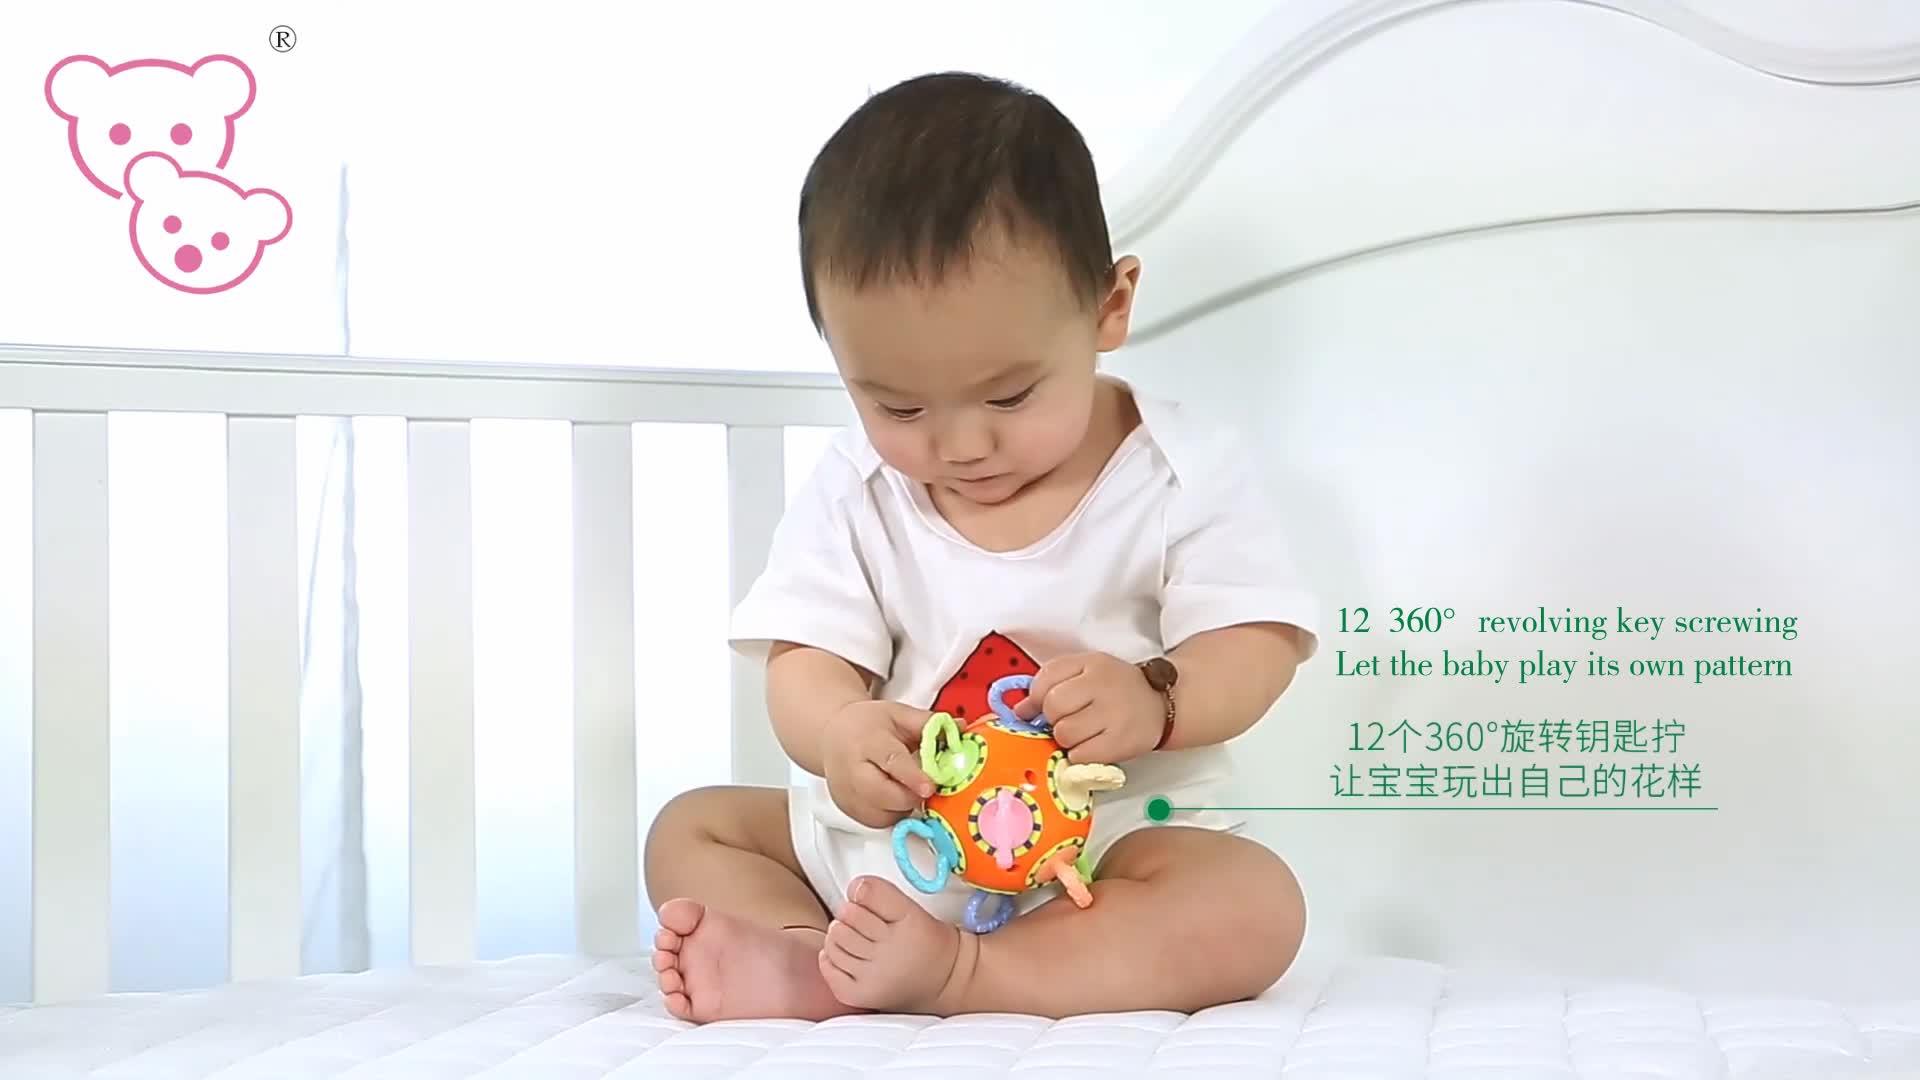 TPU lindo bebé Molar juguete mordedor mano bola haga clic en bola 006